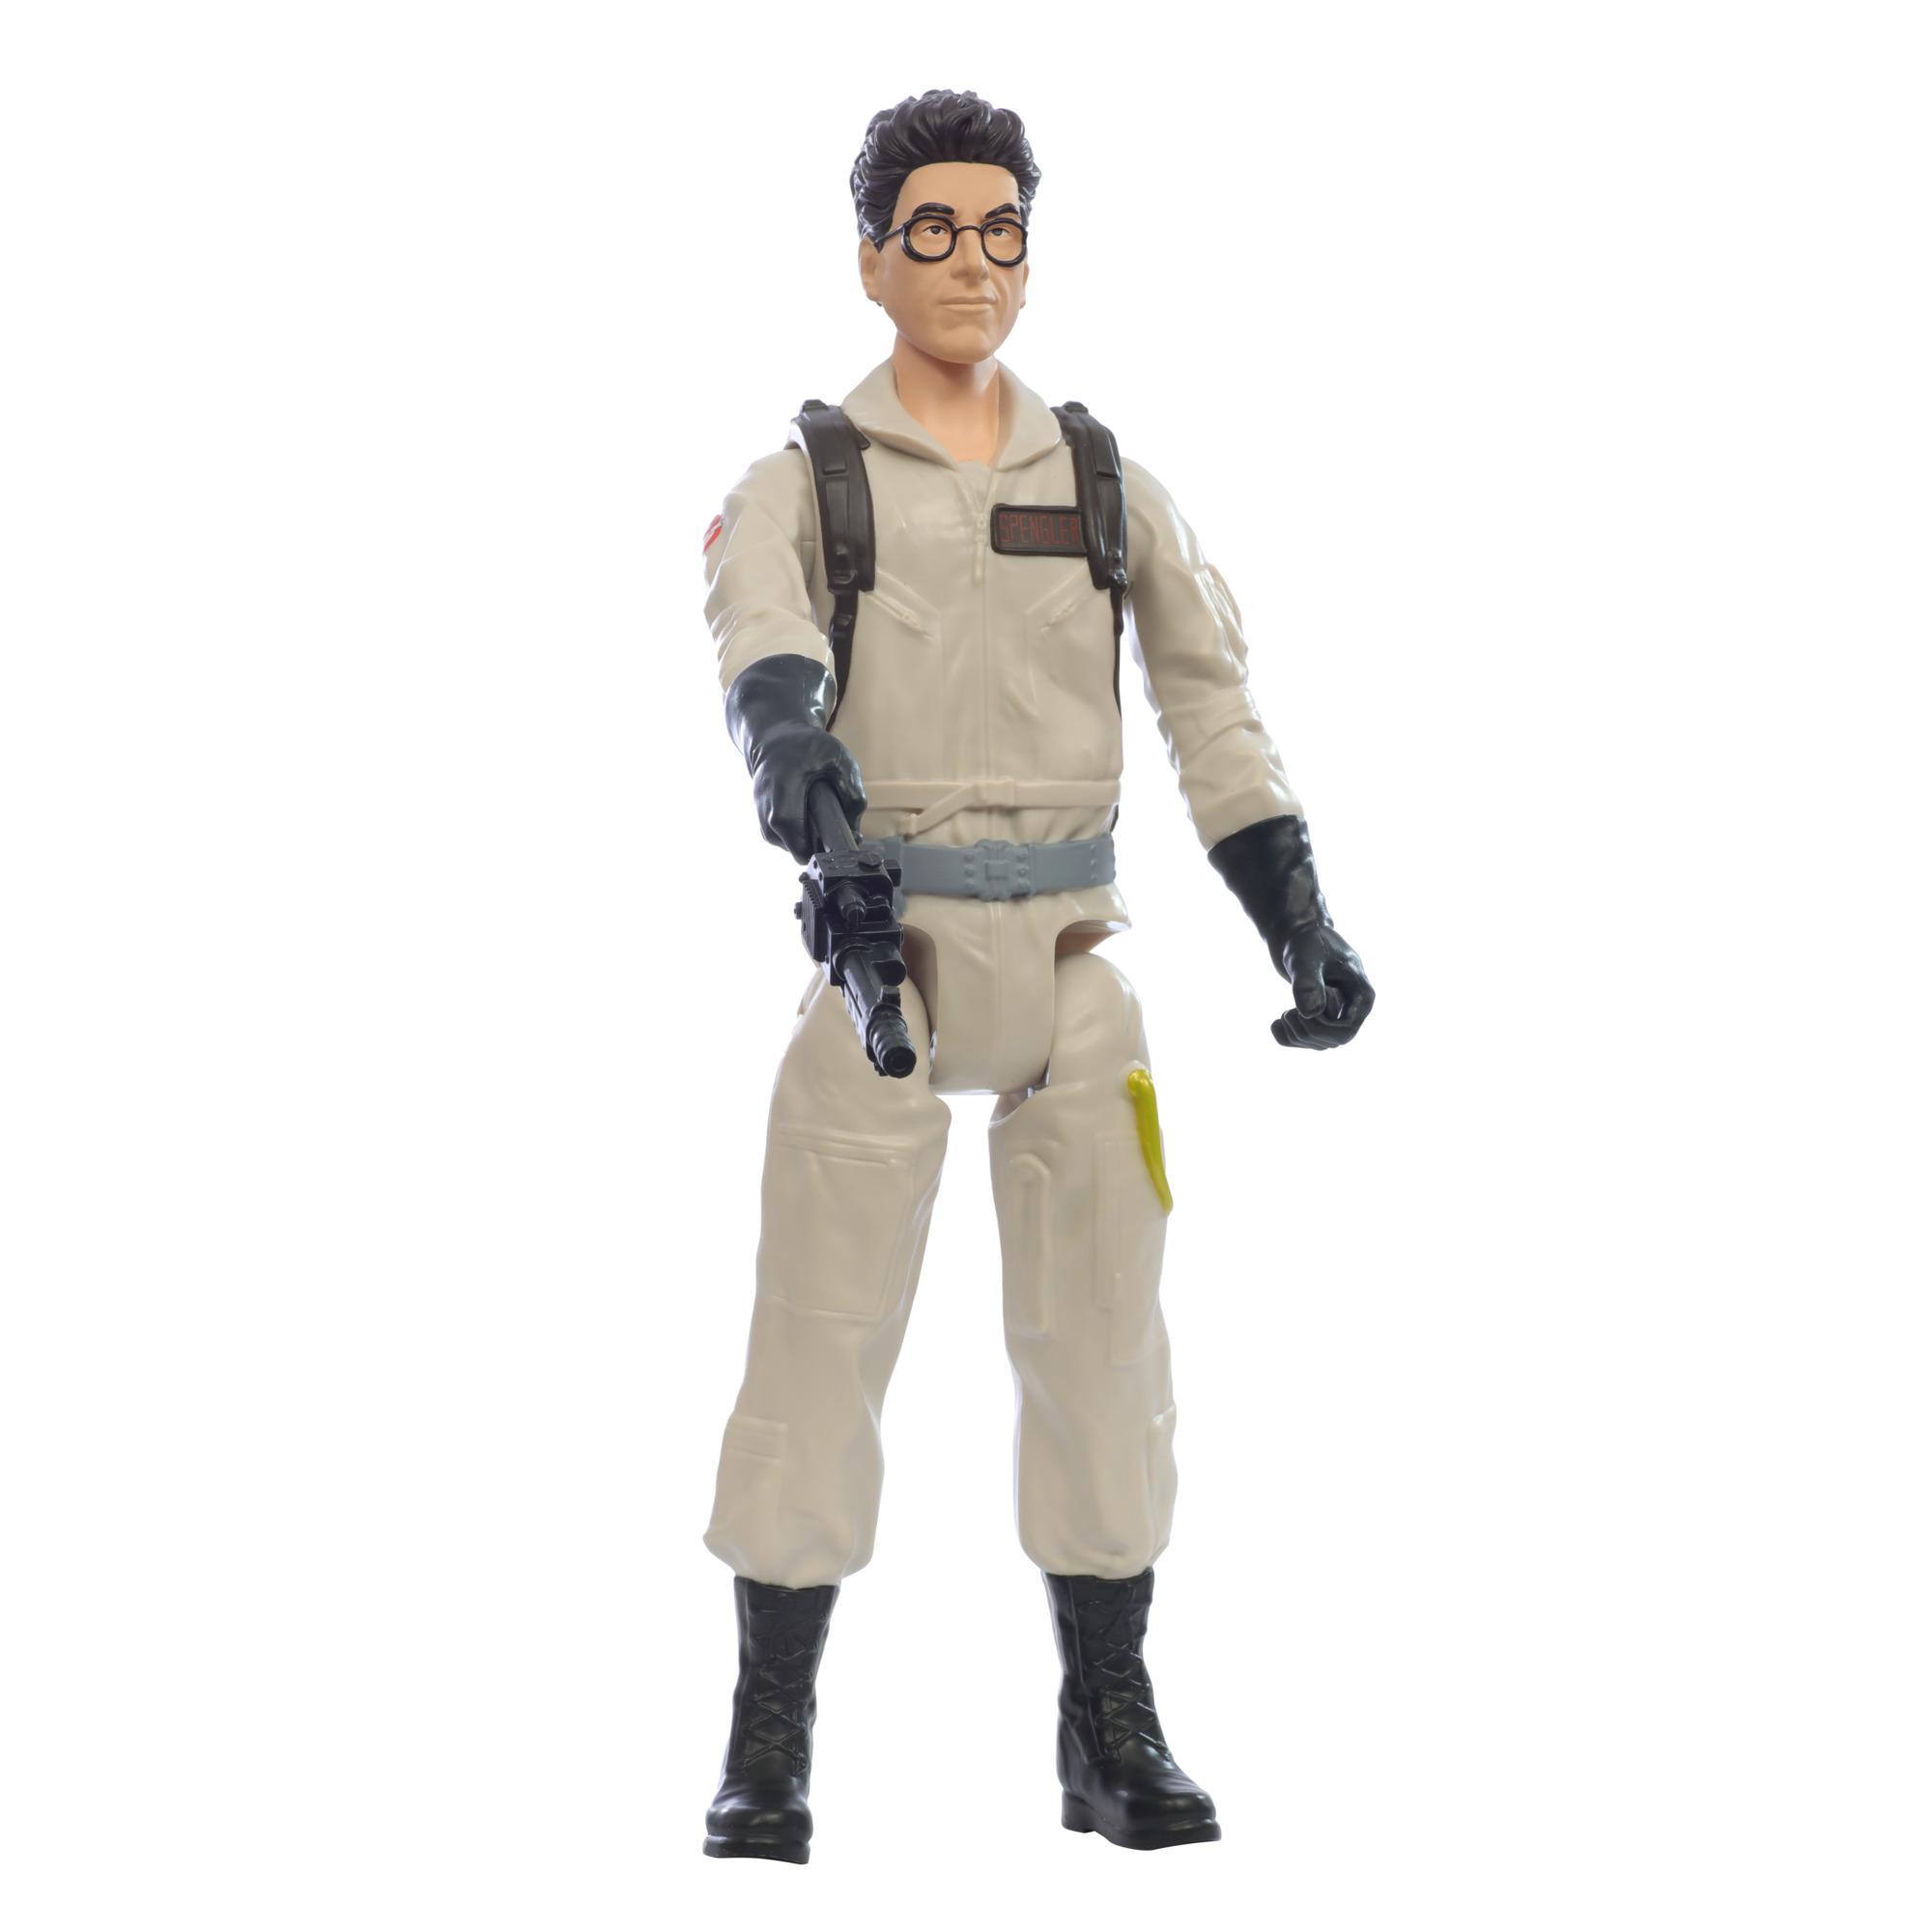 Ghostbusters, Egon Spengler de 30cm, figurine Ghostbusters classique de 1984 à collectionner, pour enfants, dès 4 ans